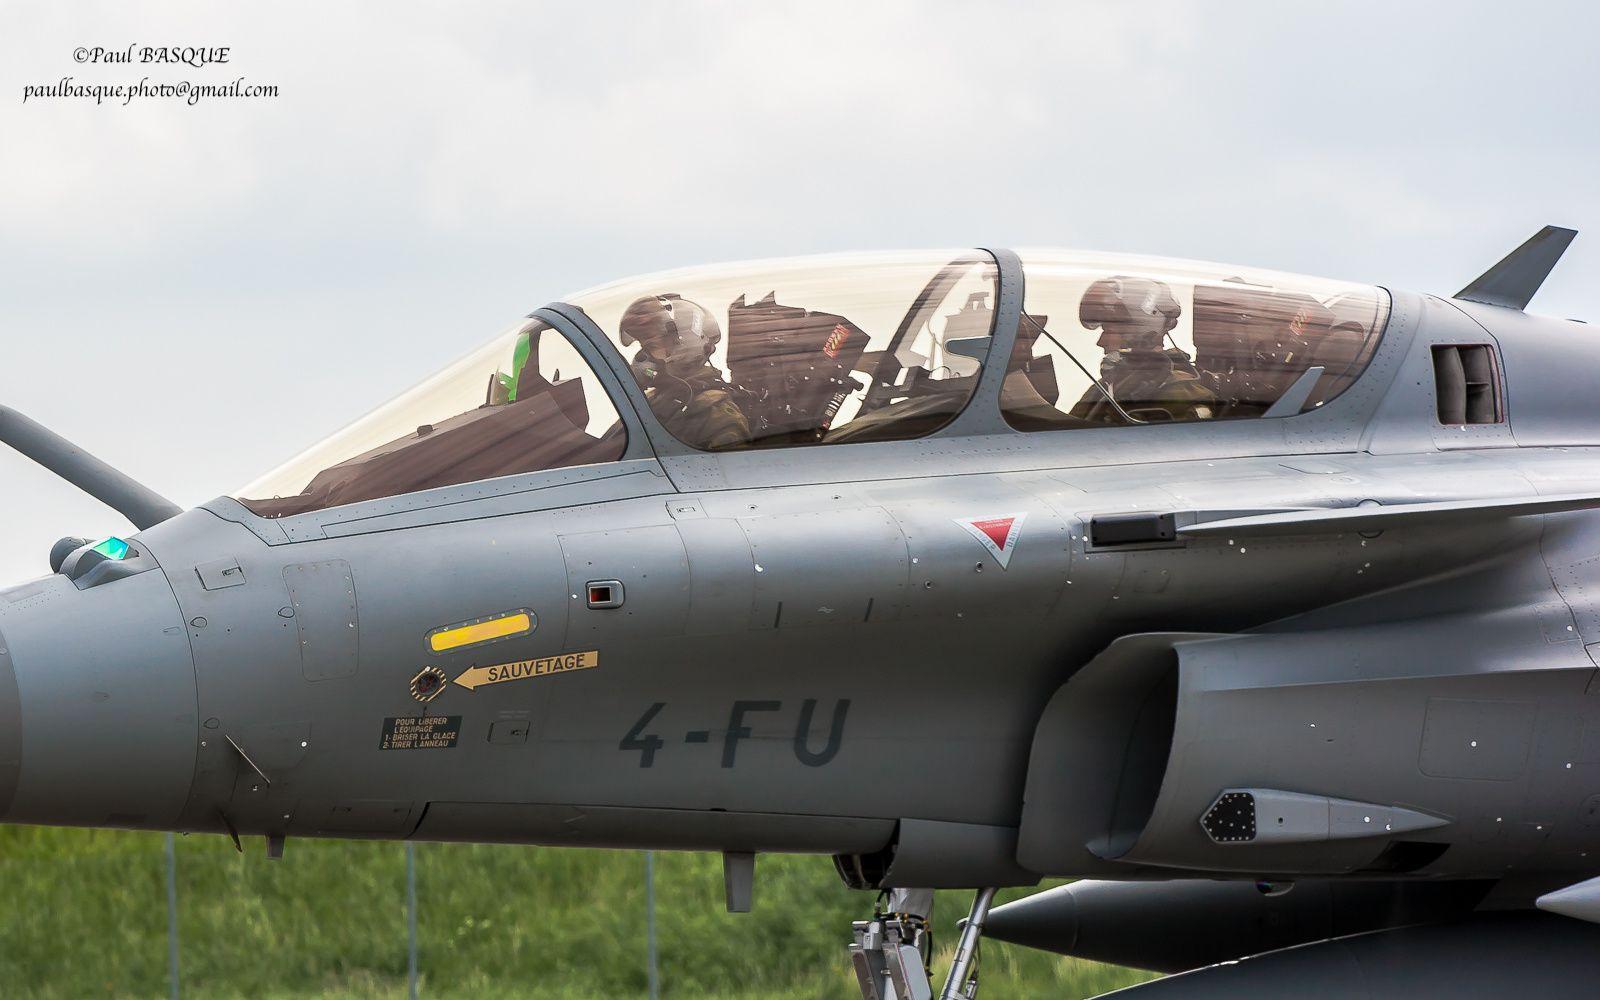 © Paul Basque - Les deux pilotes sont ici porteurs du viseur de casque TARGO II.